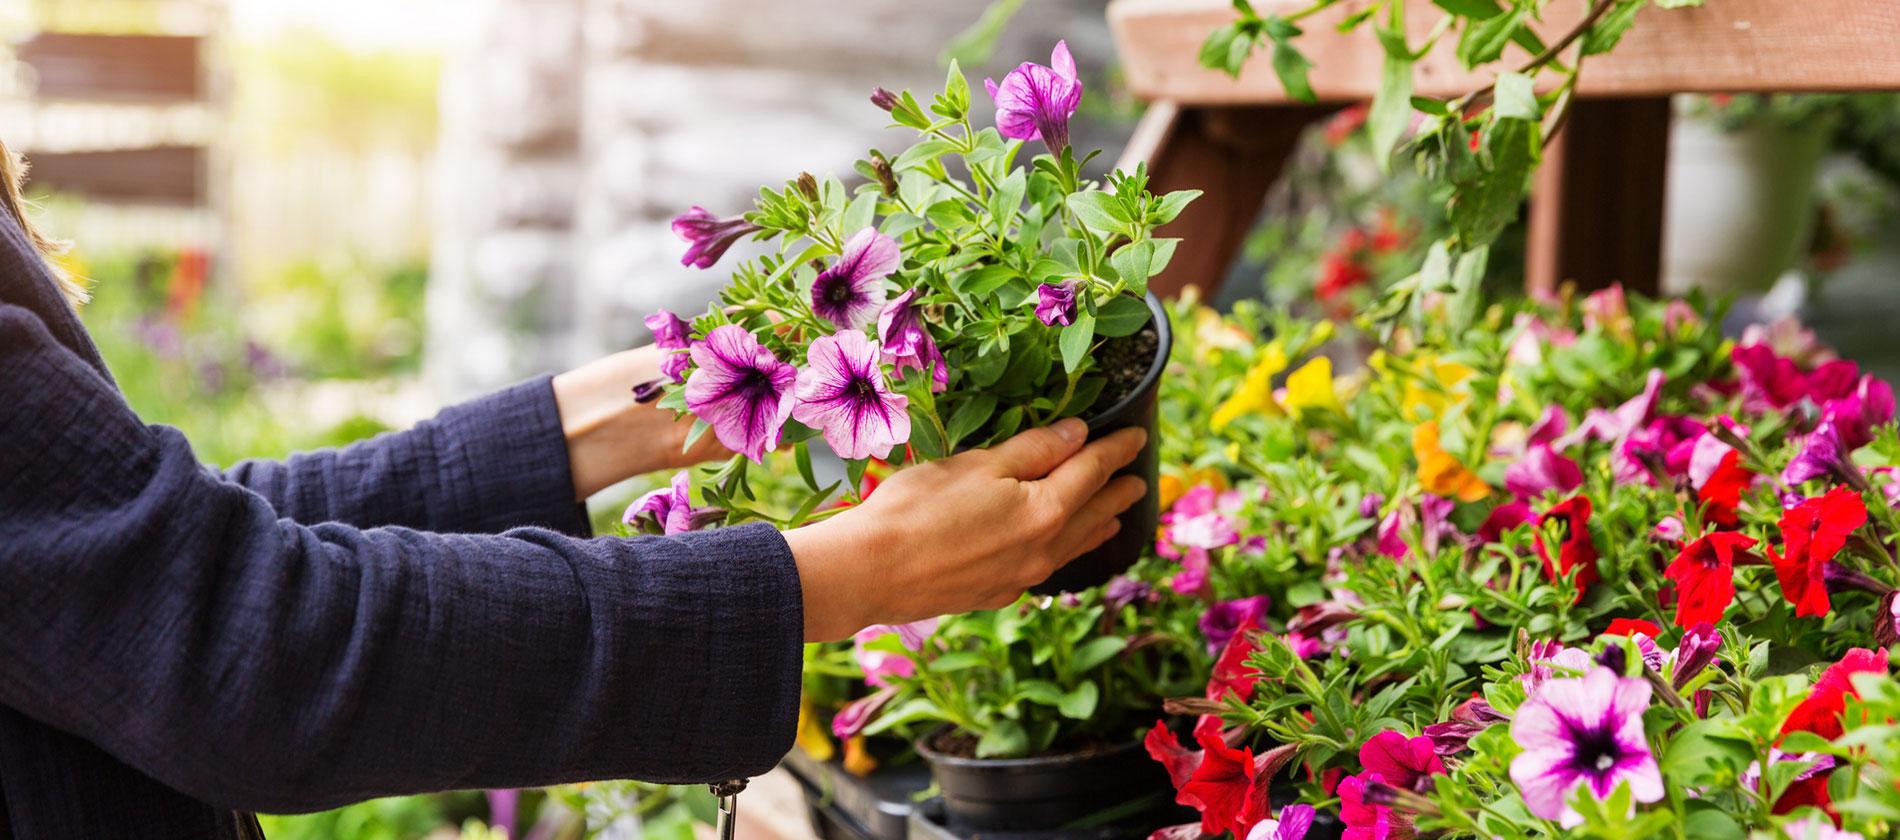 Centrum Ogrodnicze tracz Sklep internetowy z roślinami